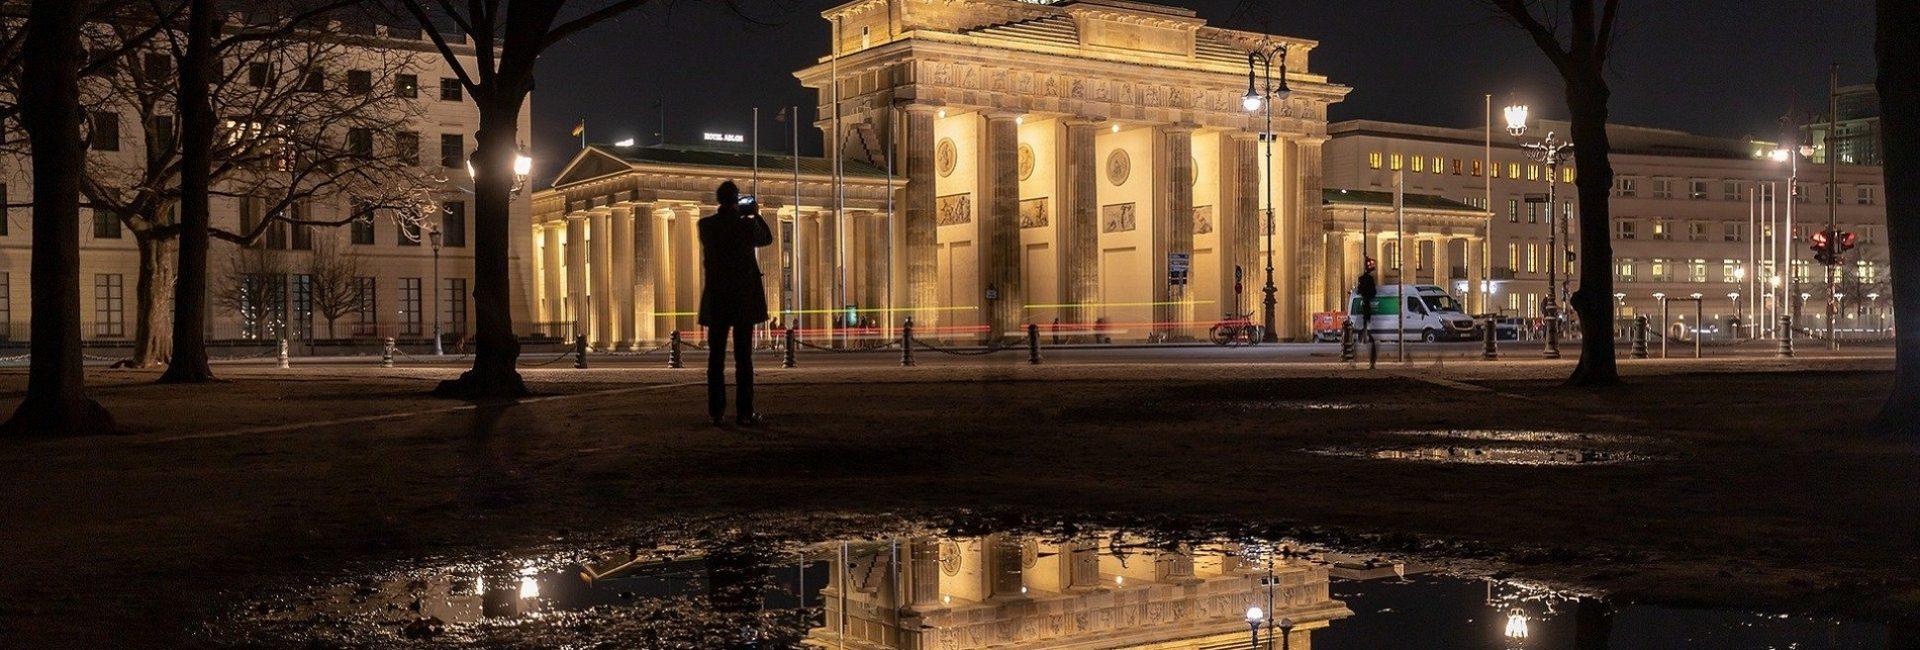 Putovanje u Berlin putovanje je u vodeći grad umejtosti, političkih zbivanja, mode i mnogih drugih.